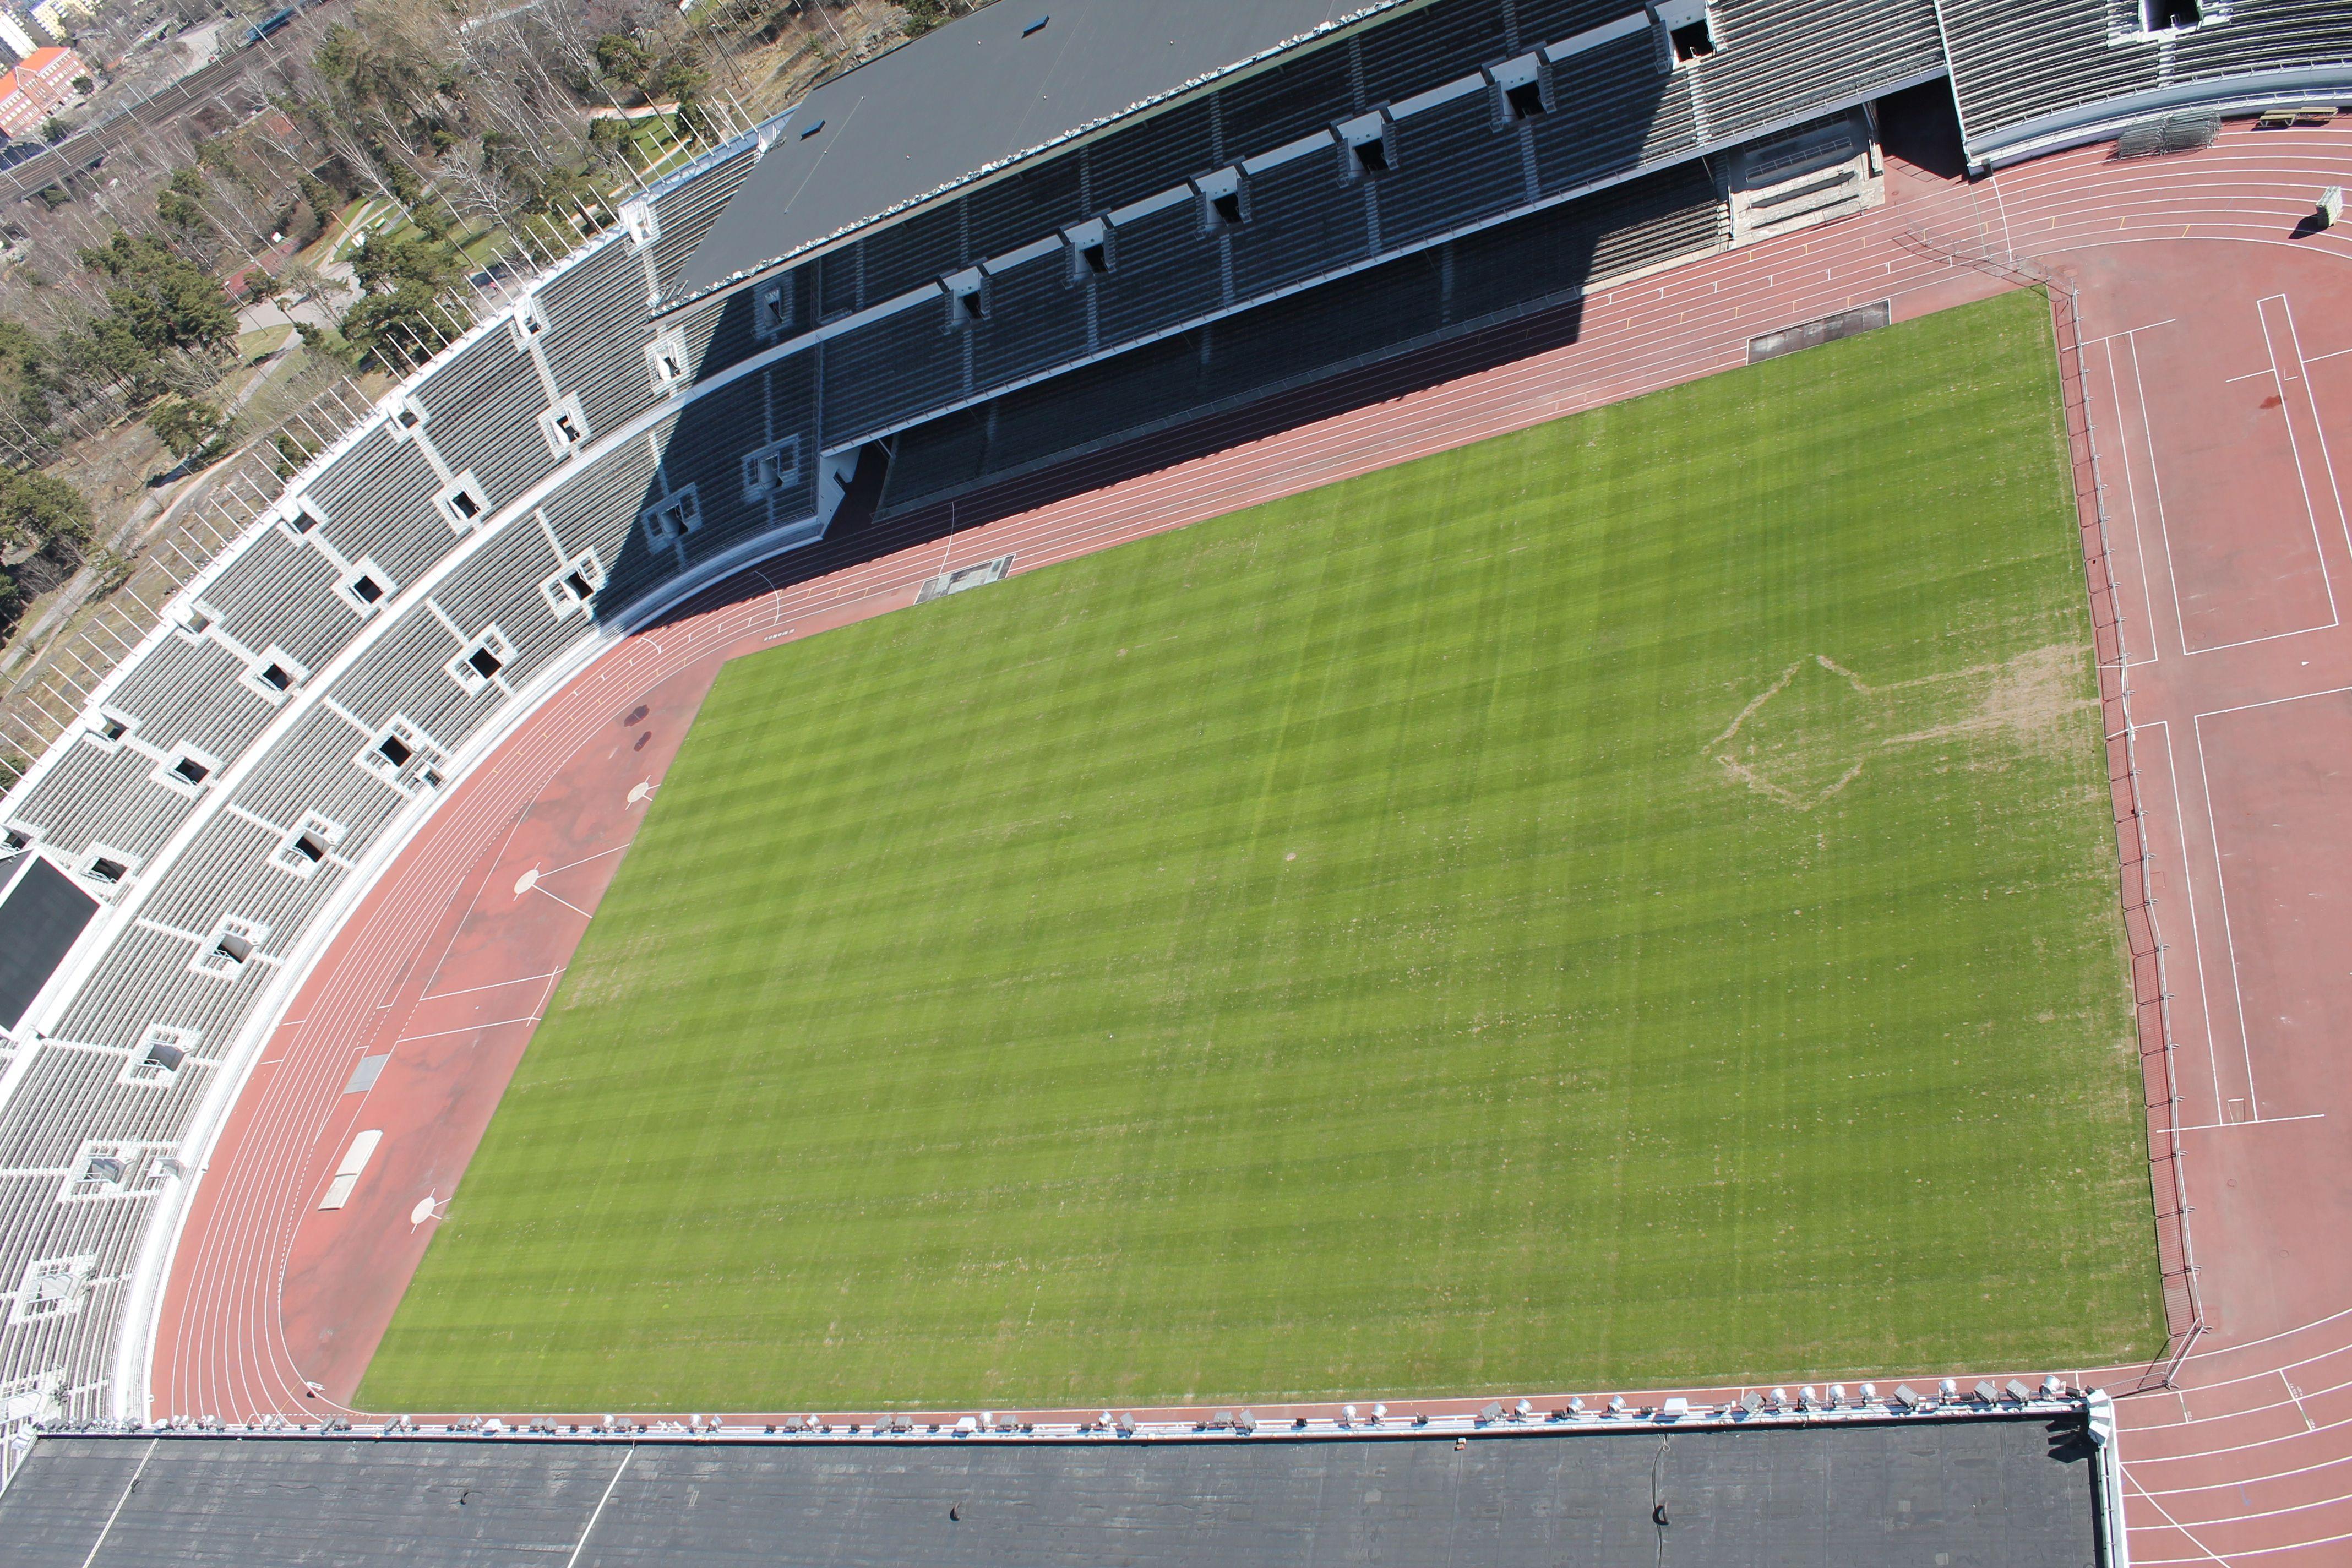 olimpiai_stadion_belul.jpg